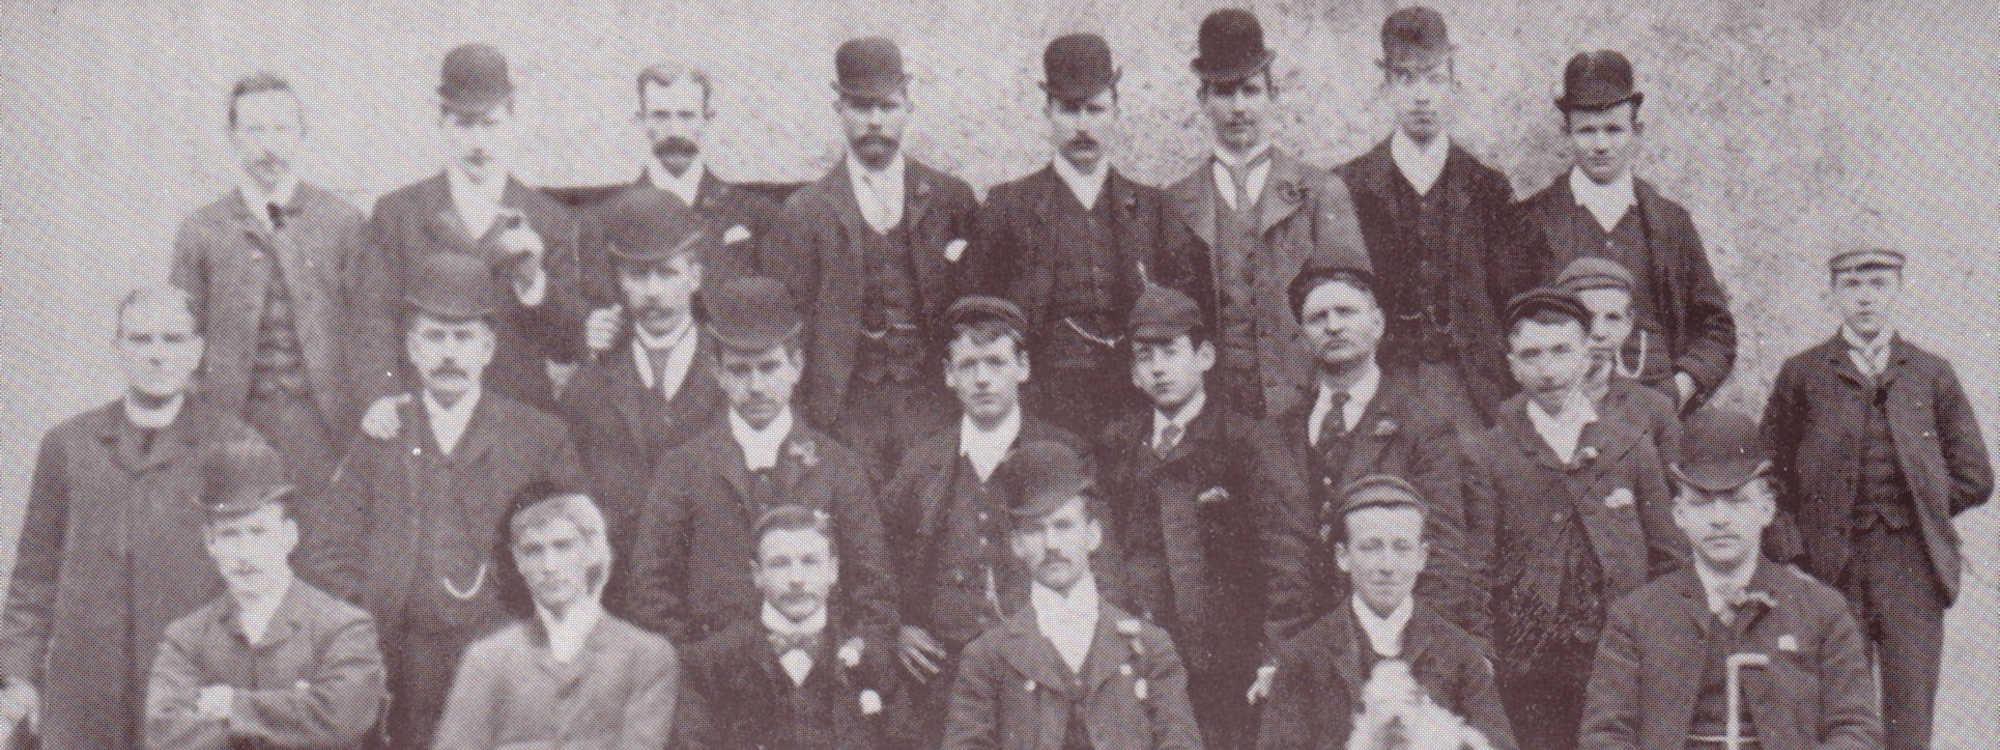 Members of the Catholic Club, 1890